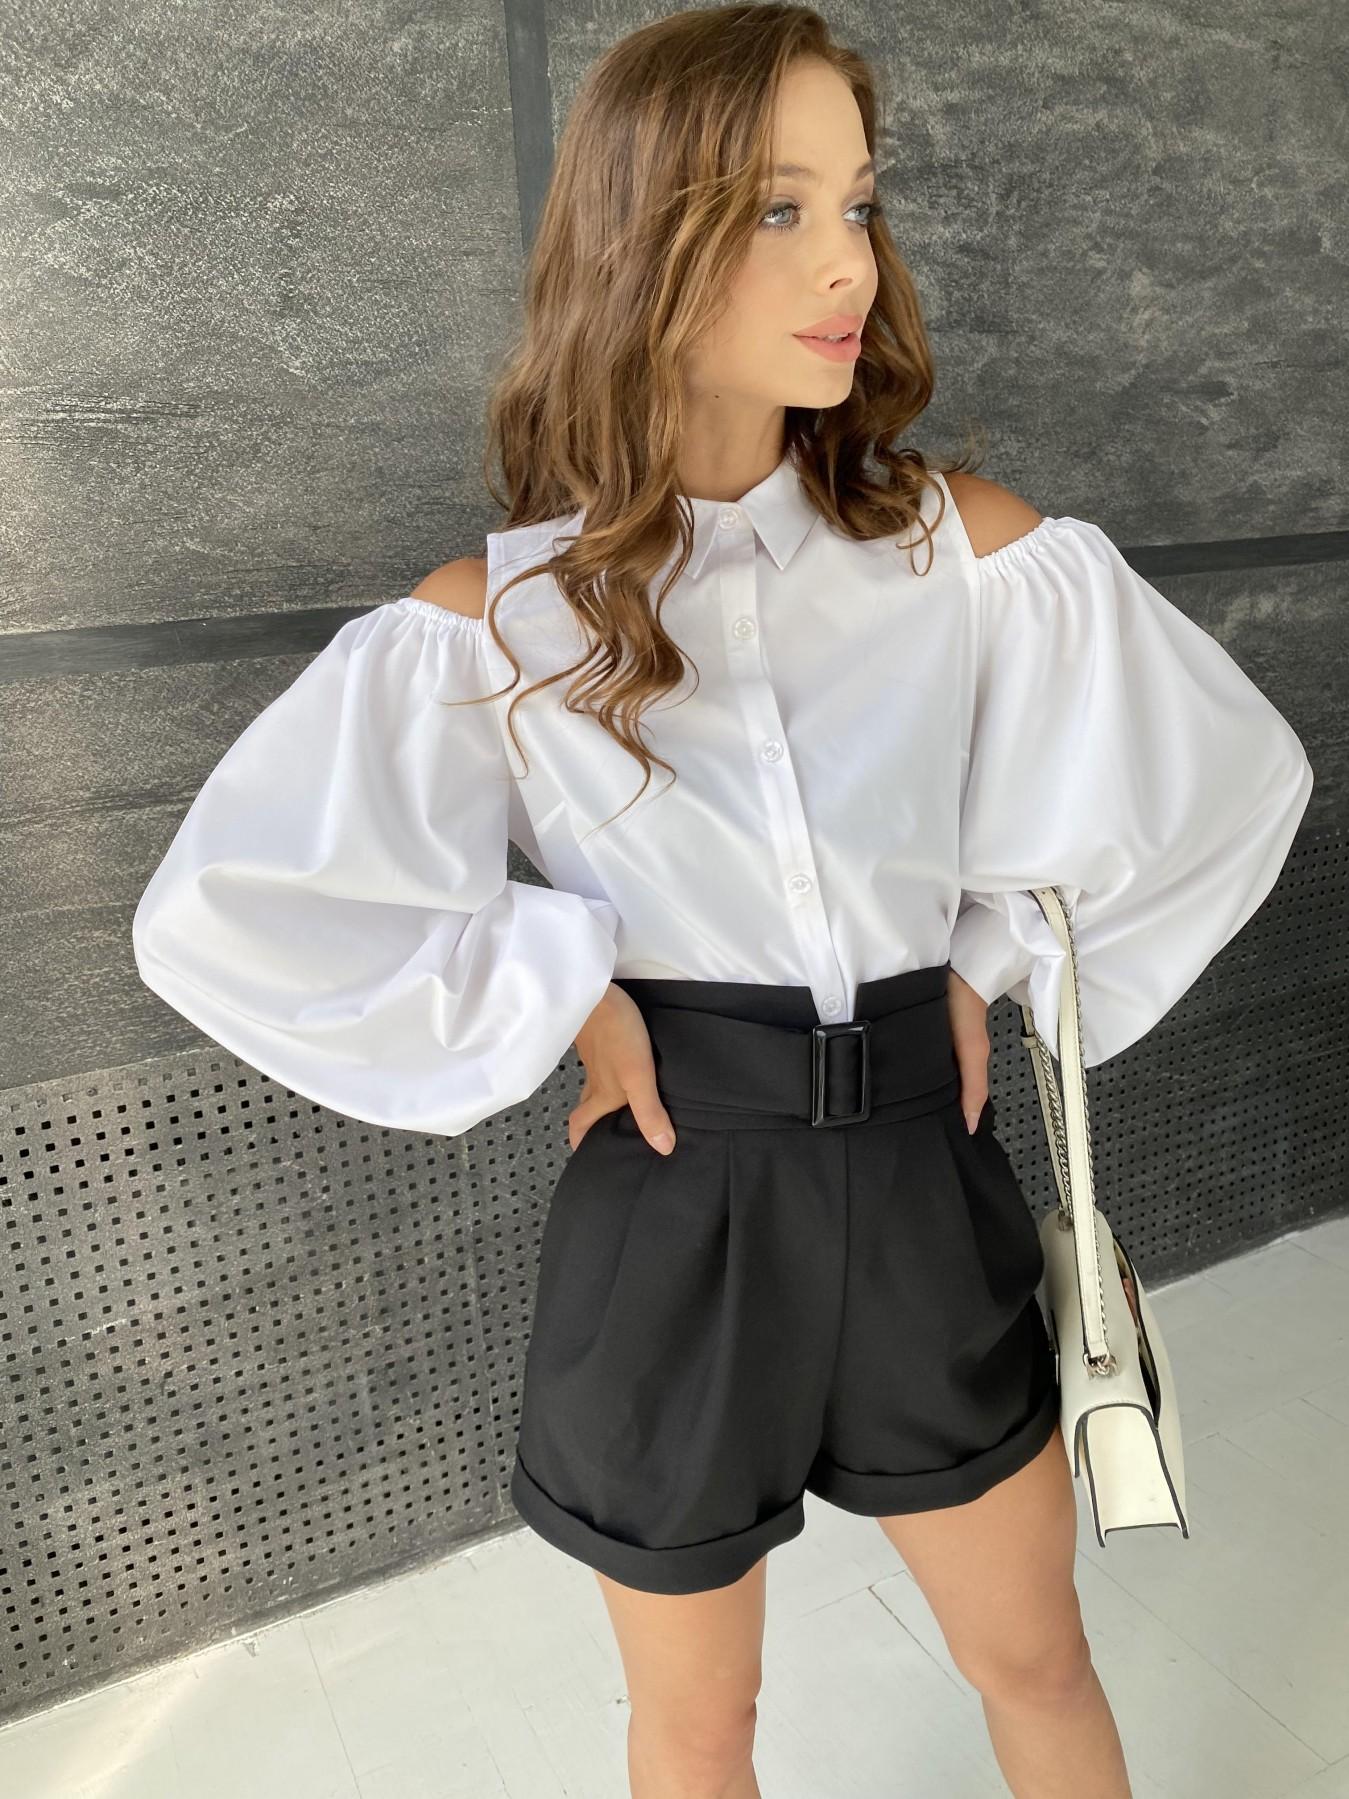 Адель блуза софт однотонный 11662 АРТ. 48373 Цвет: Белый - фото 4, интернет магазин tm-modus.ru